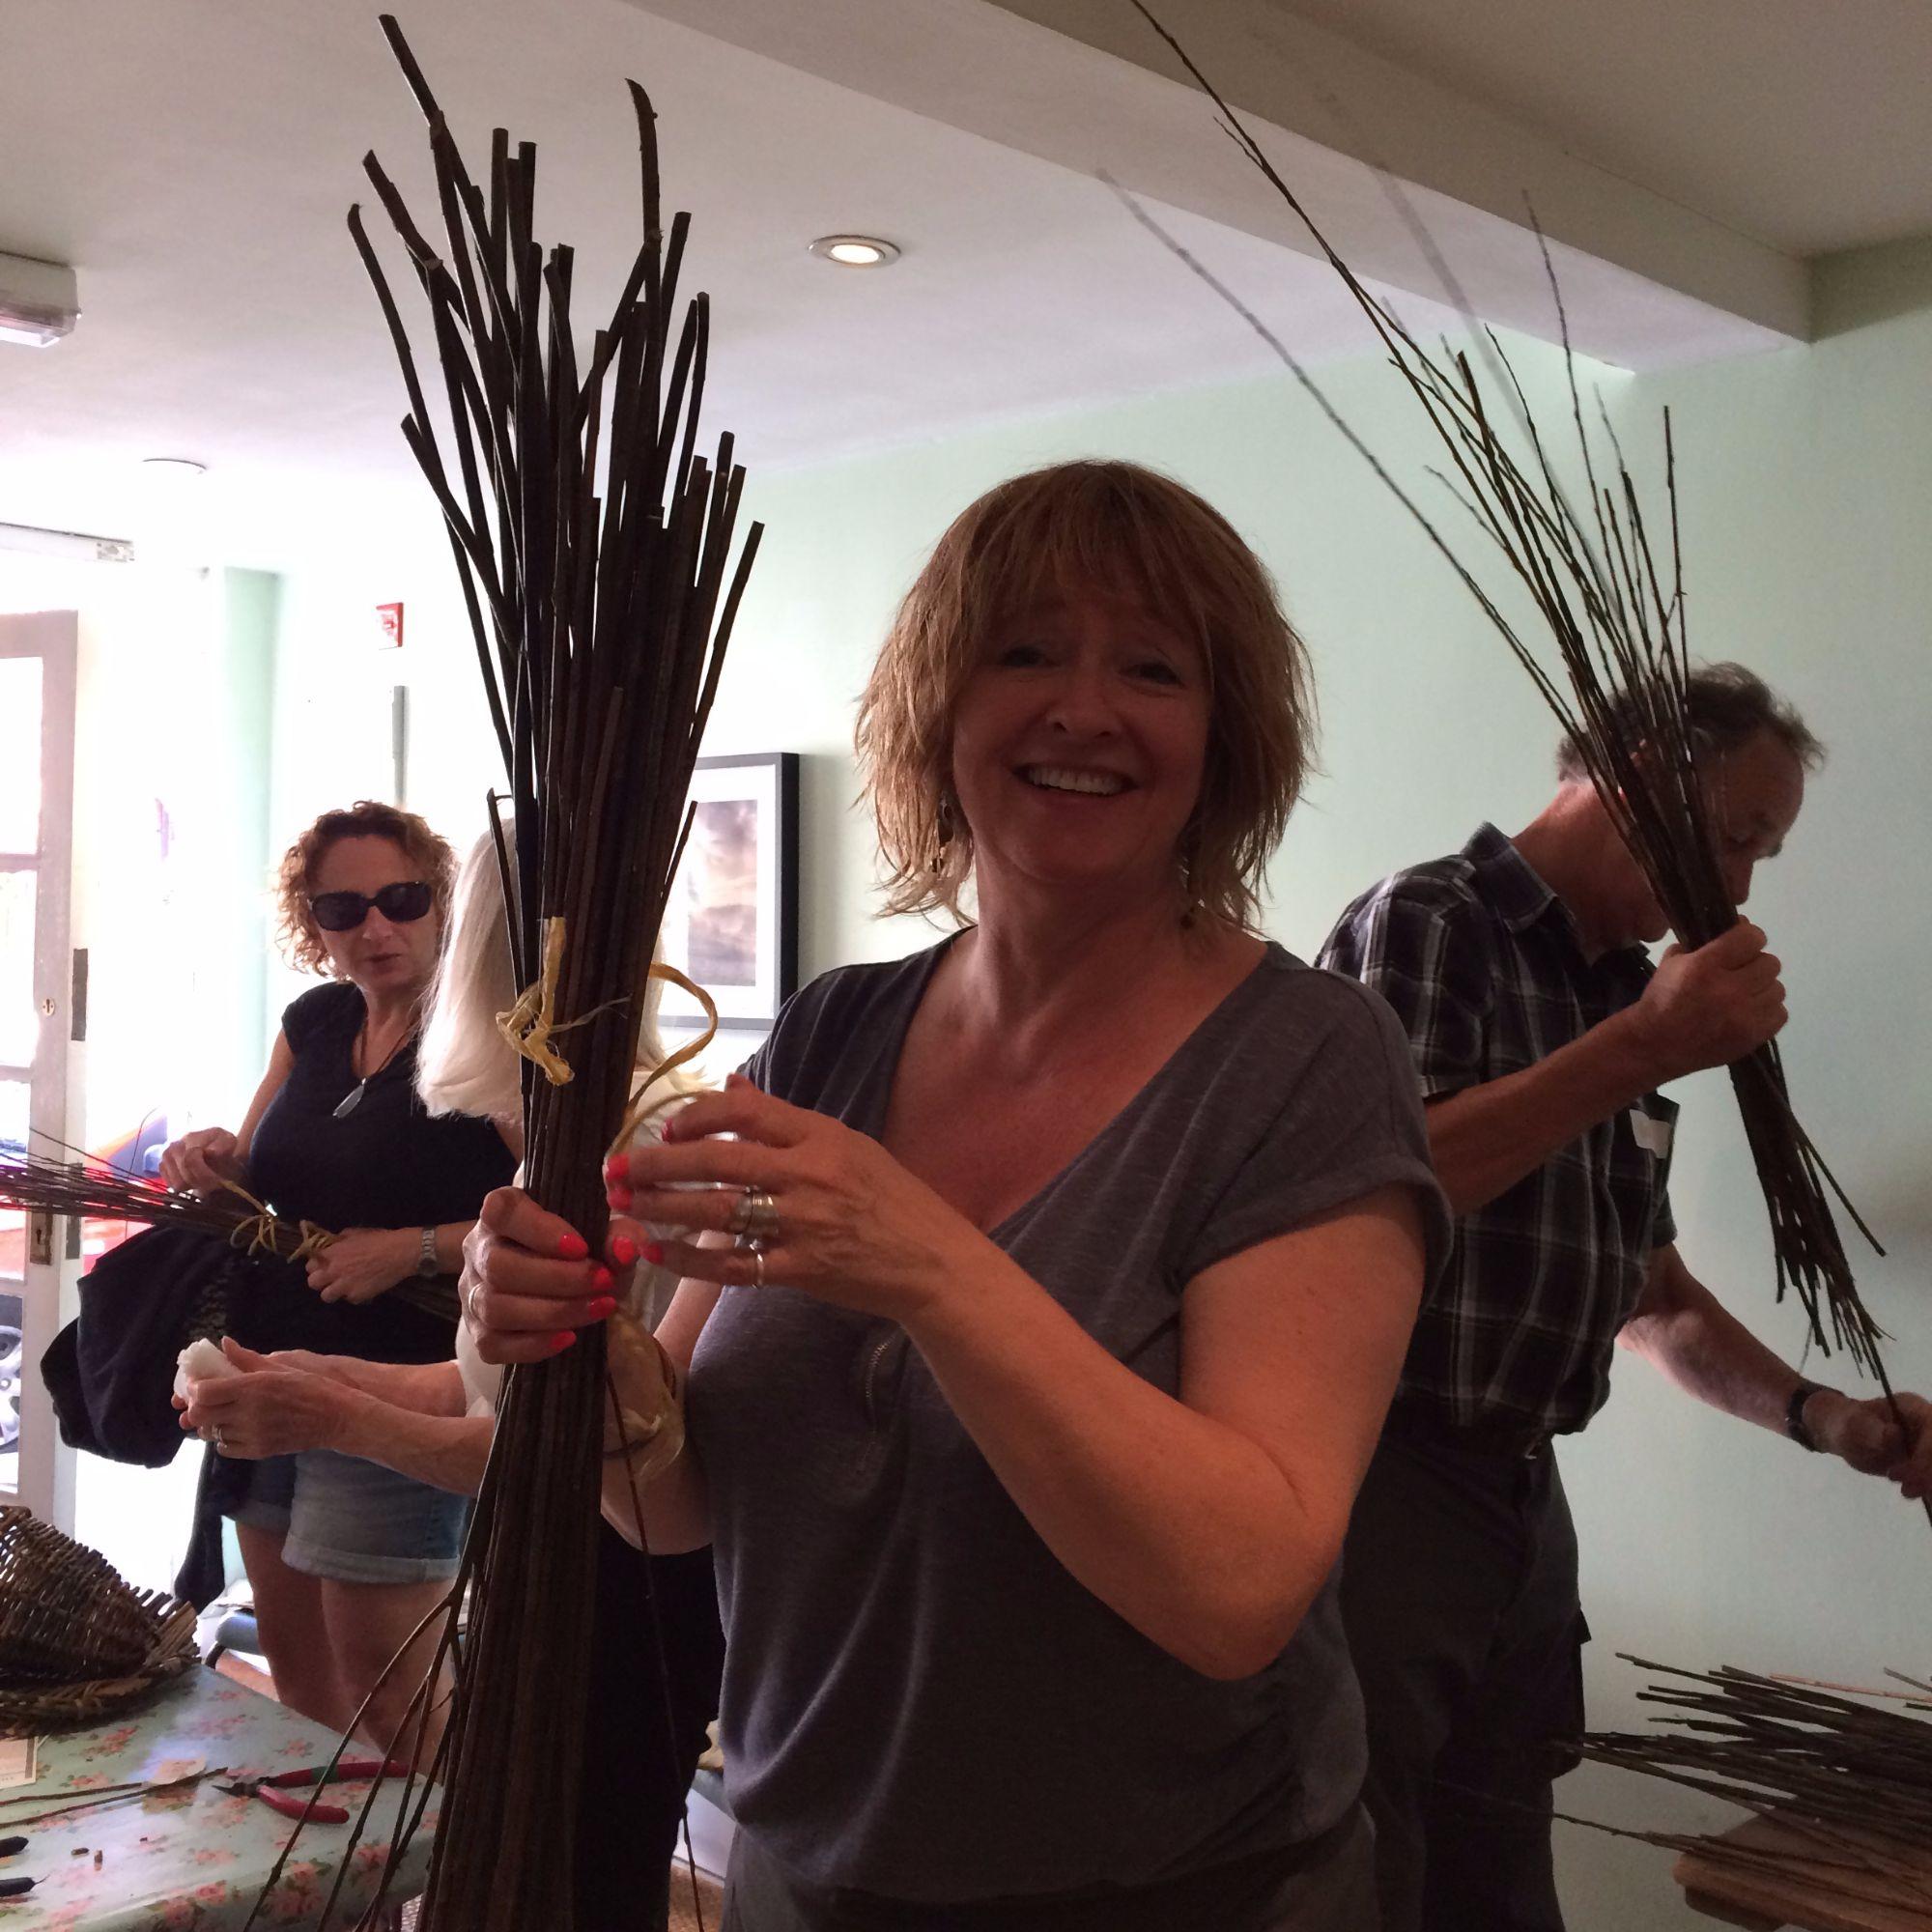 Basket Making Workshop: Platter and Herb Basket - Homework!